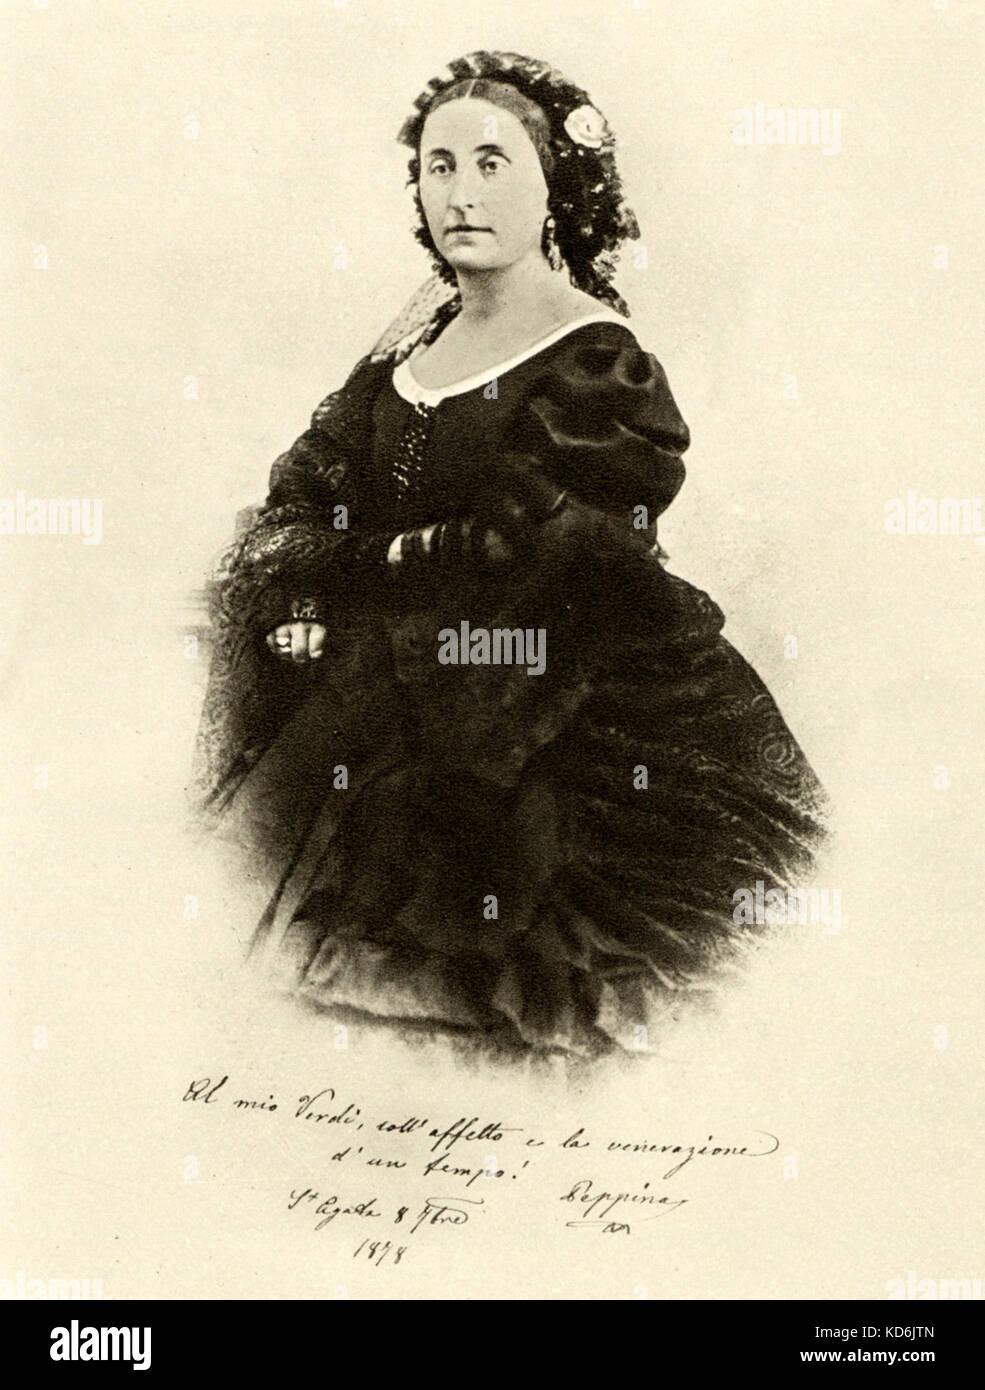 Giuseppina Verdi (née Strepponi)  Portrait she gave as a